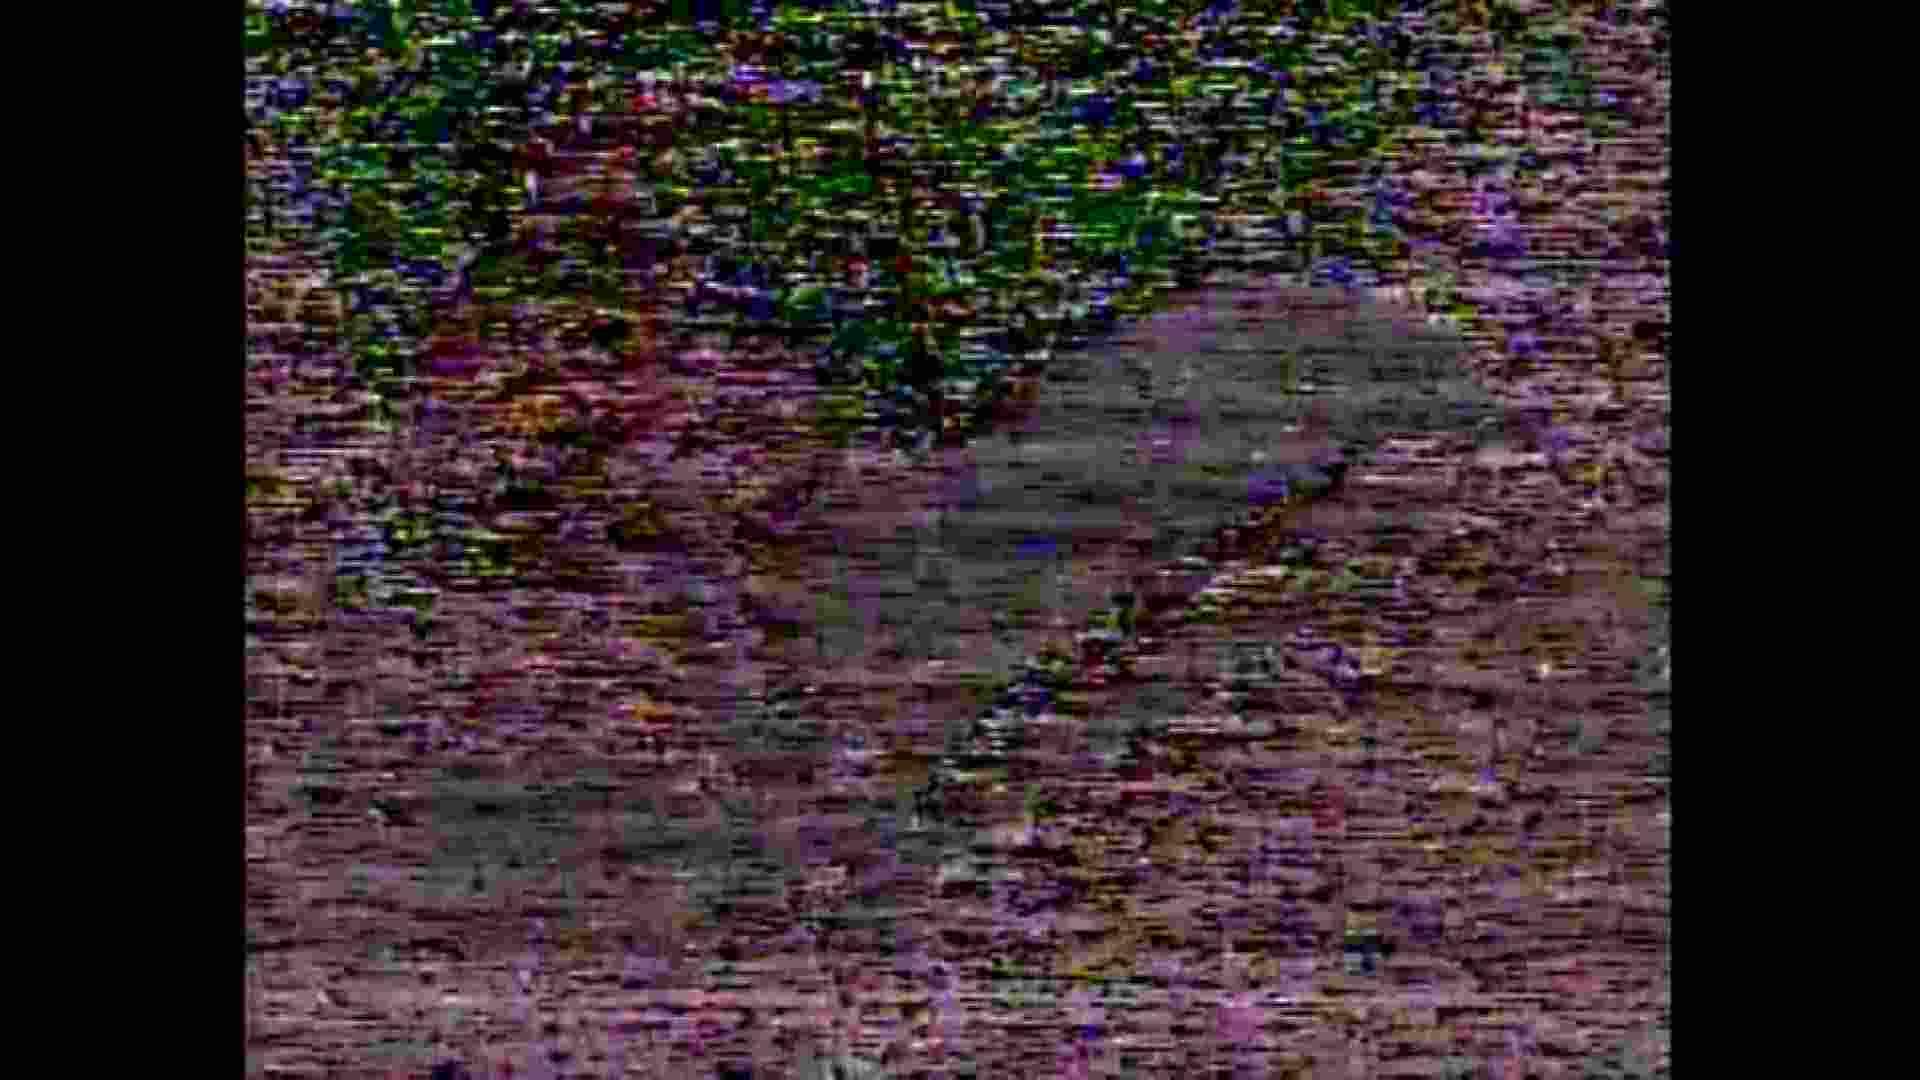 レース場での秘め事 Vol.15 高画質 | ギャル攻め  89画像 29